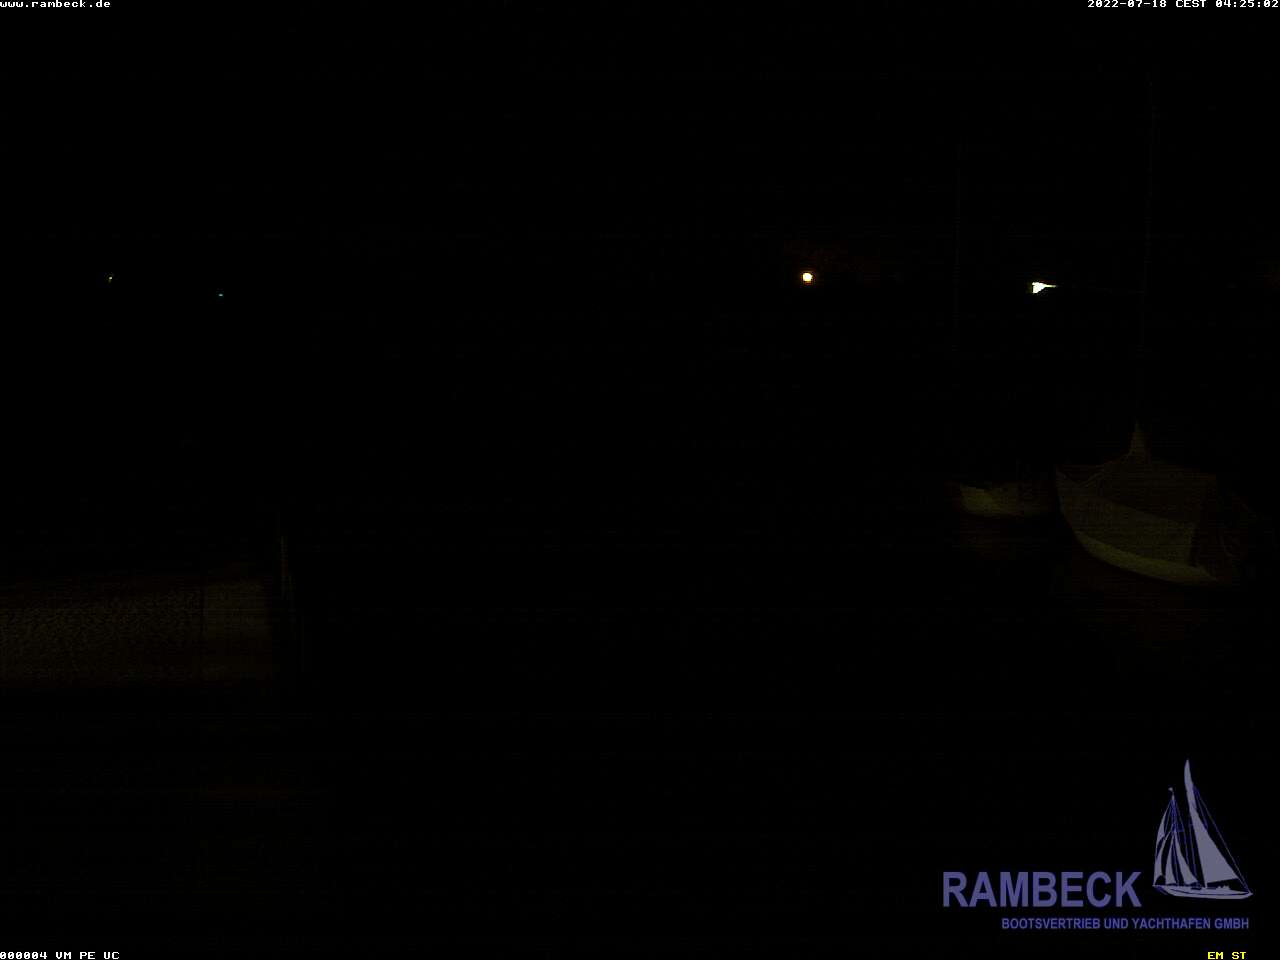 Webcam Bootswerft Rambeck, Starnberg